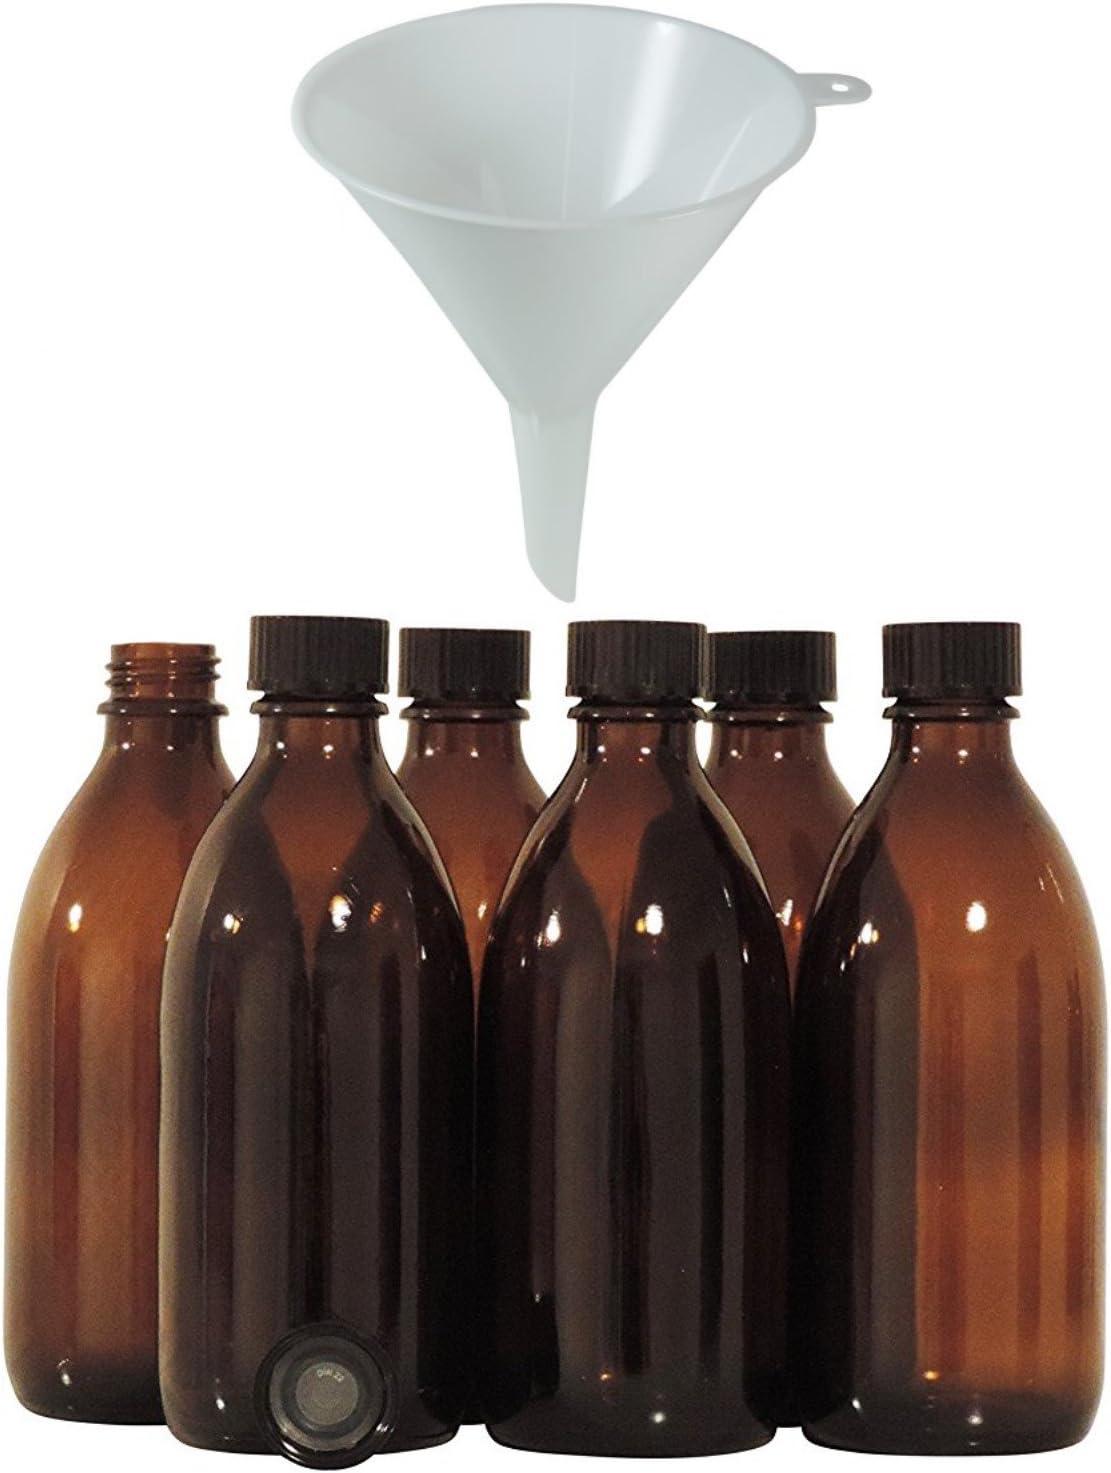 Viva-Haushaltswaren–6x Marrón Medicina Botella 200Ml, Frascos de farmacia, laboratorio–Fabricado en Alemania & sin BPA–Incluye Embudo